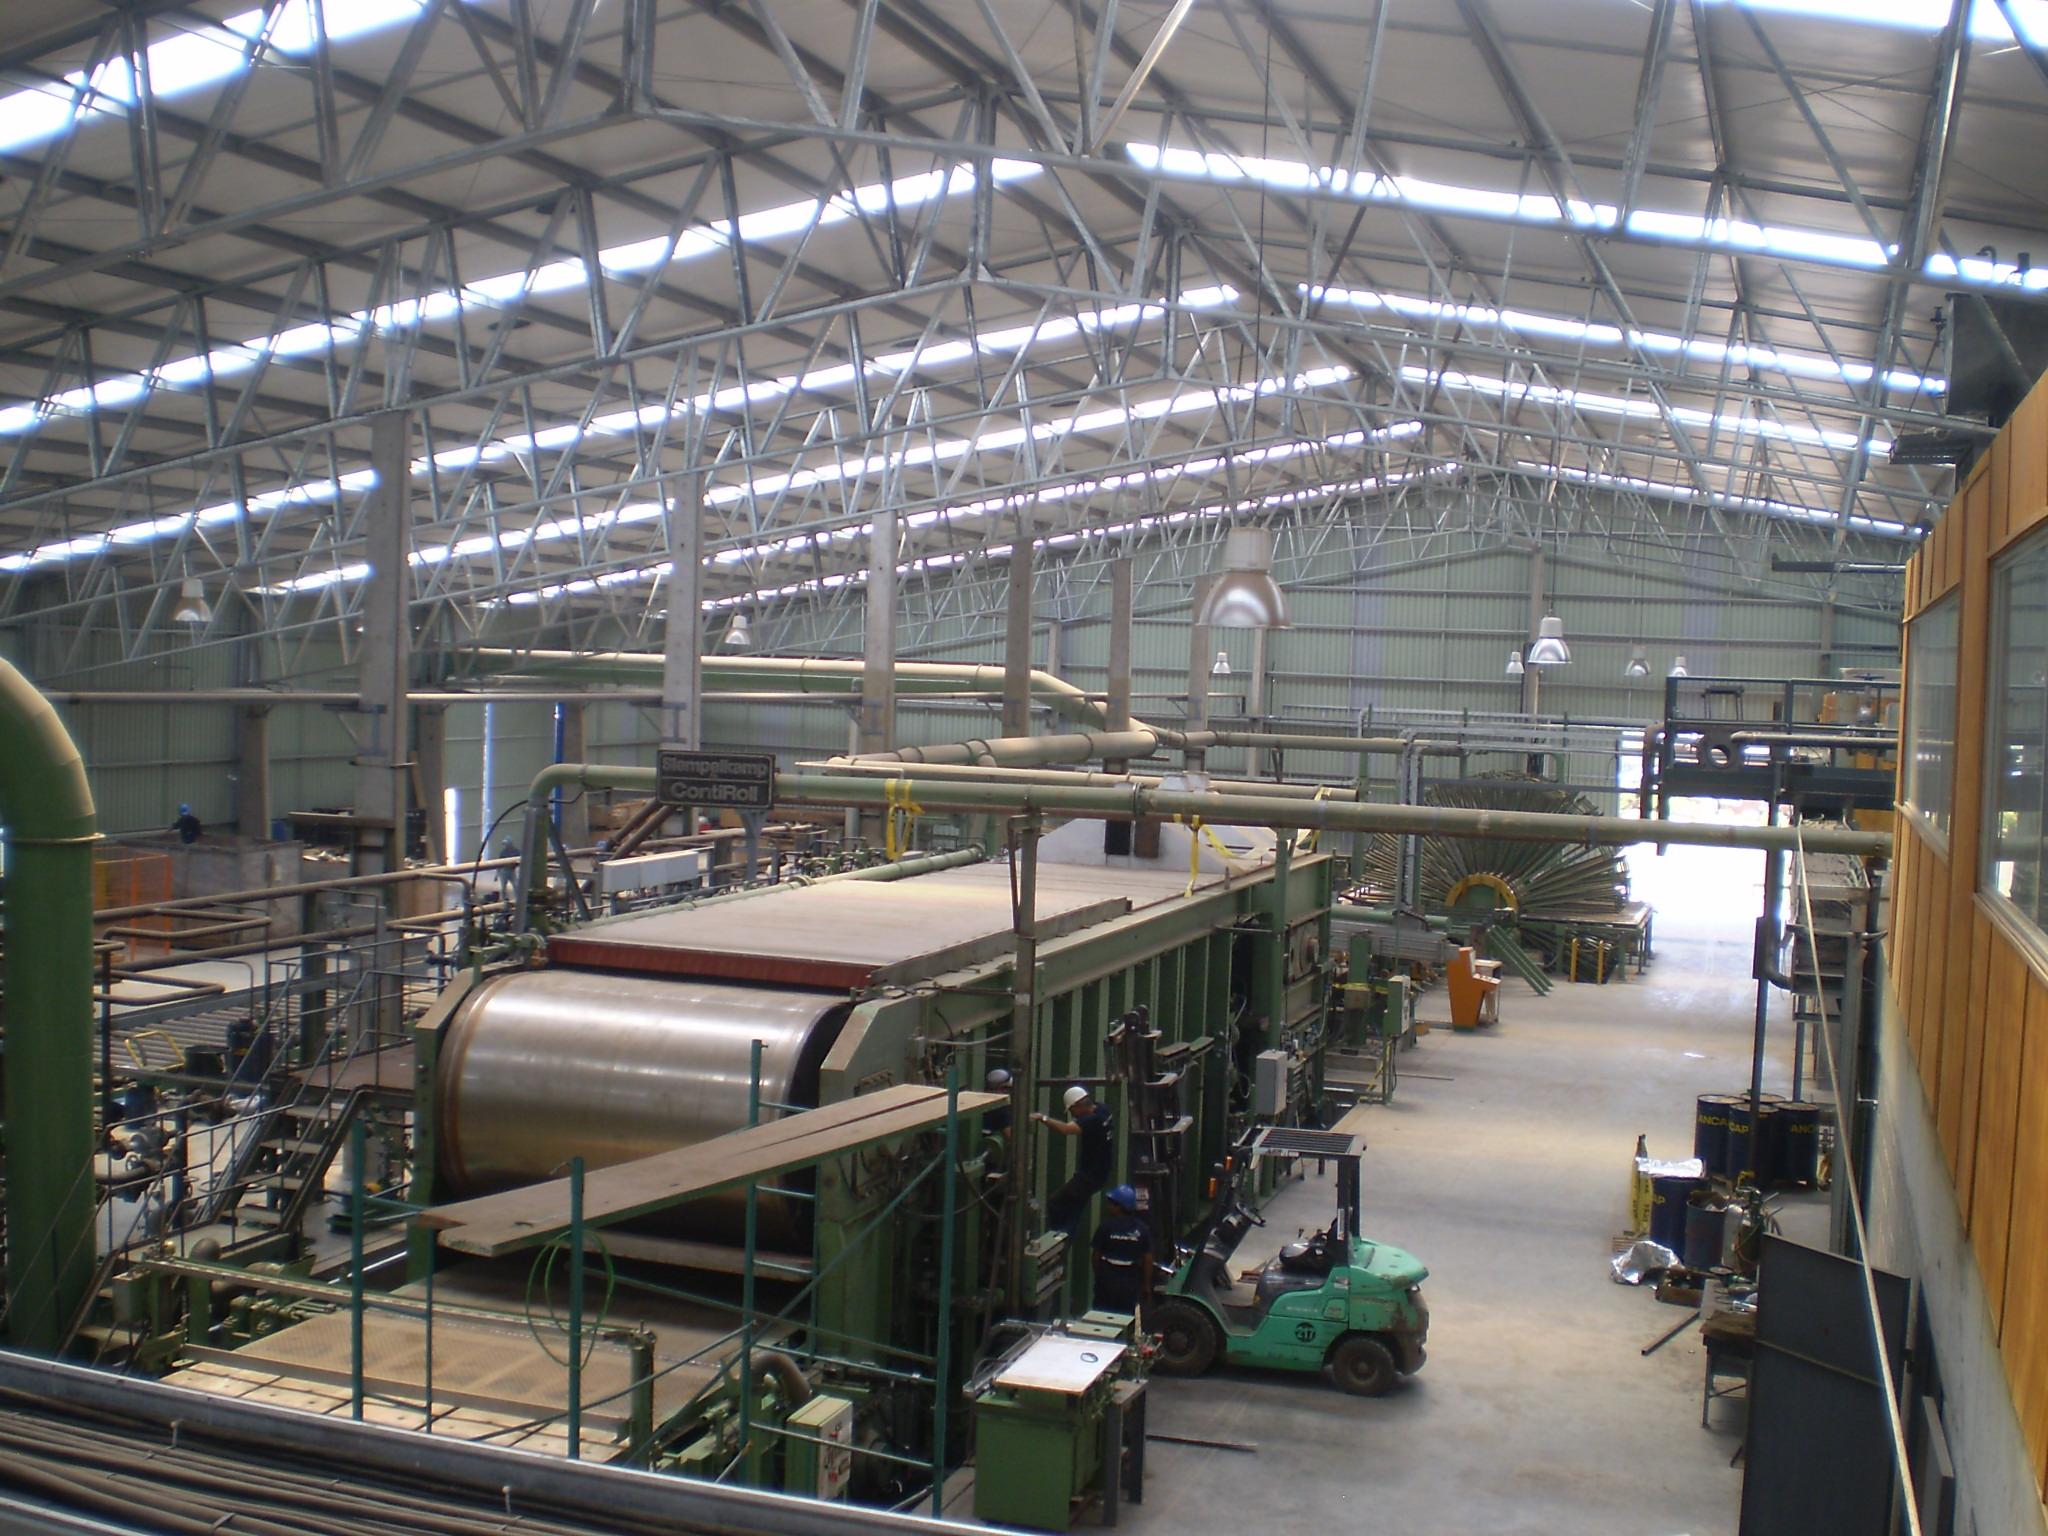 2009. Planta de MDF Urupanel  interior